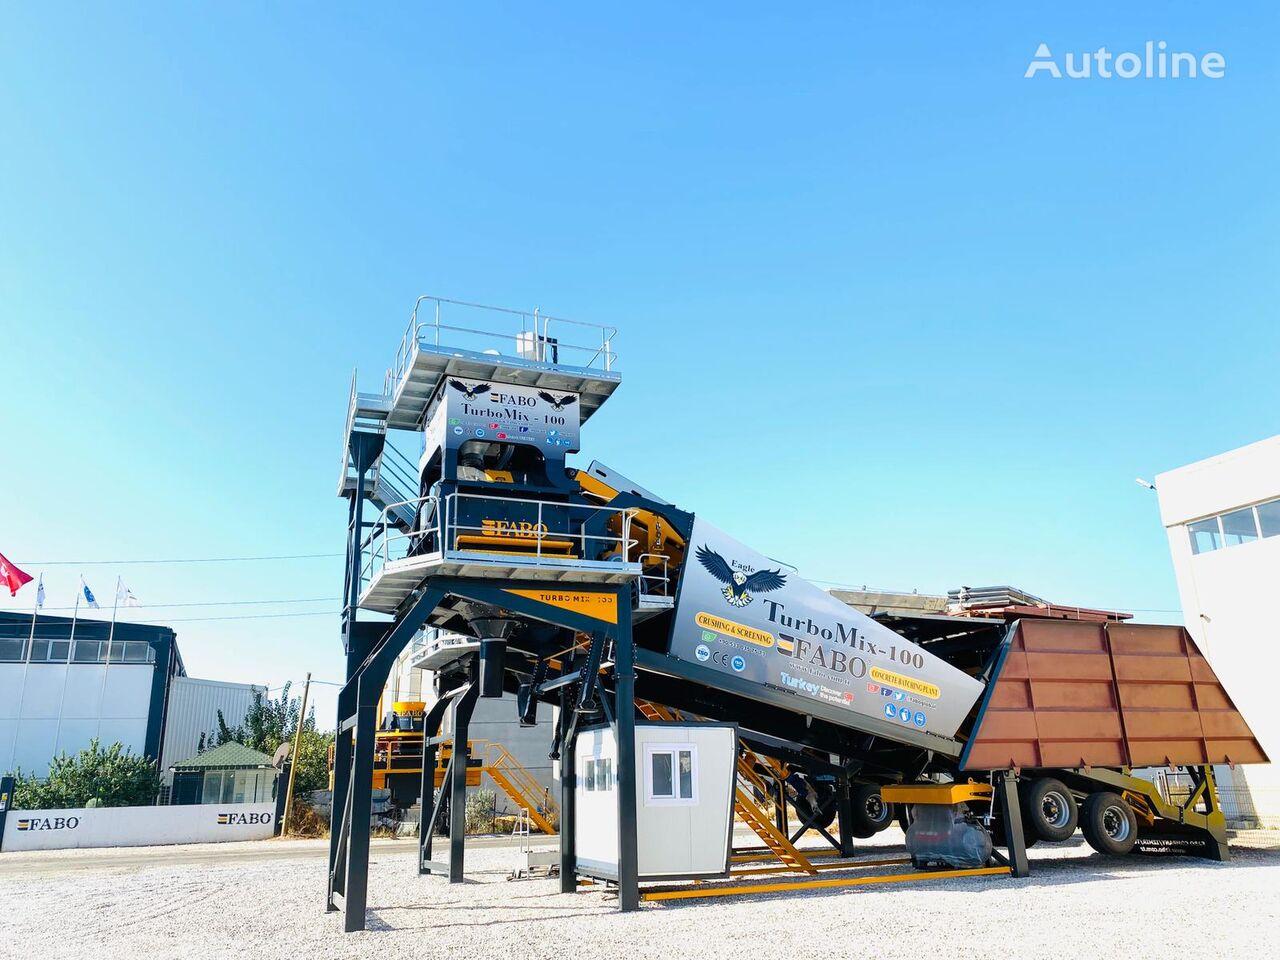 جديد ماكينة صناعة الخرسانة FABO TURBOMIX-100 Mobile Concrete Batching Plant